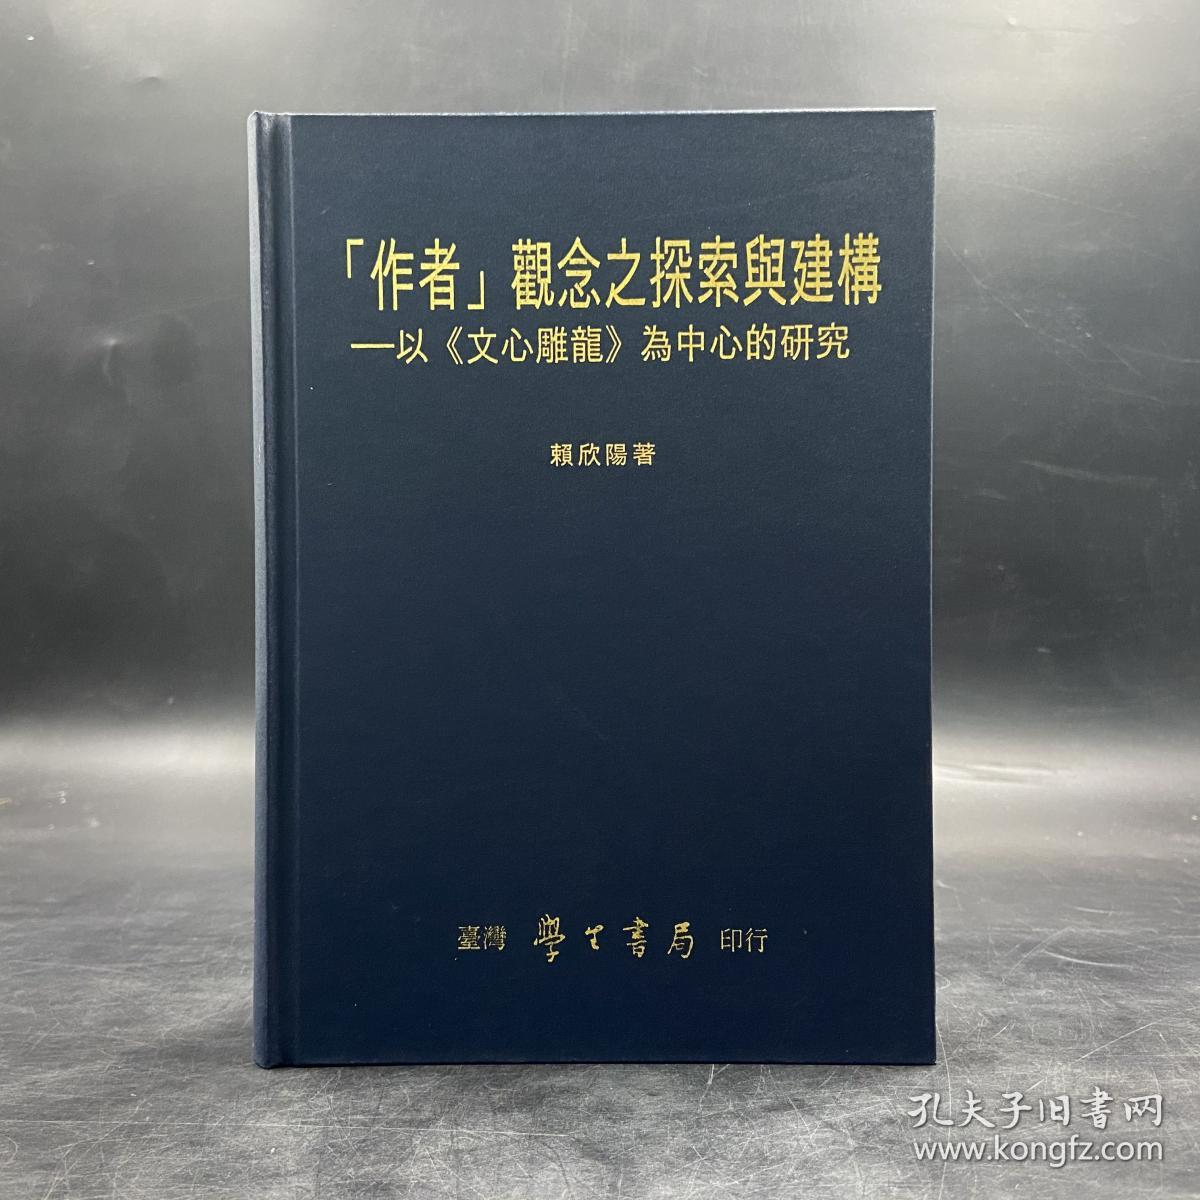 台湾学生书局版  賴欣陽《作者觀念之探索與建構:以文心雕龍為中心的研究》(精装)